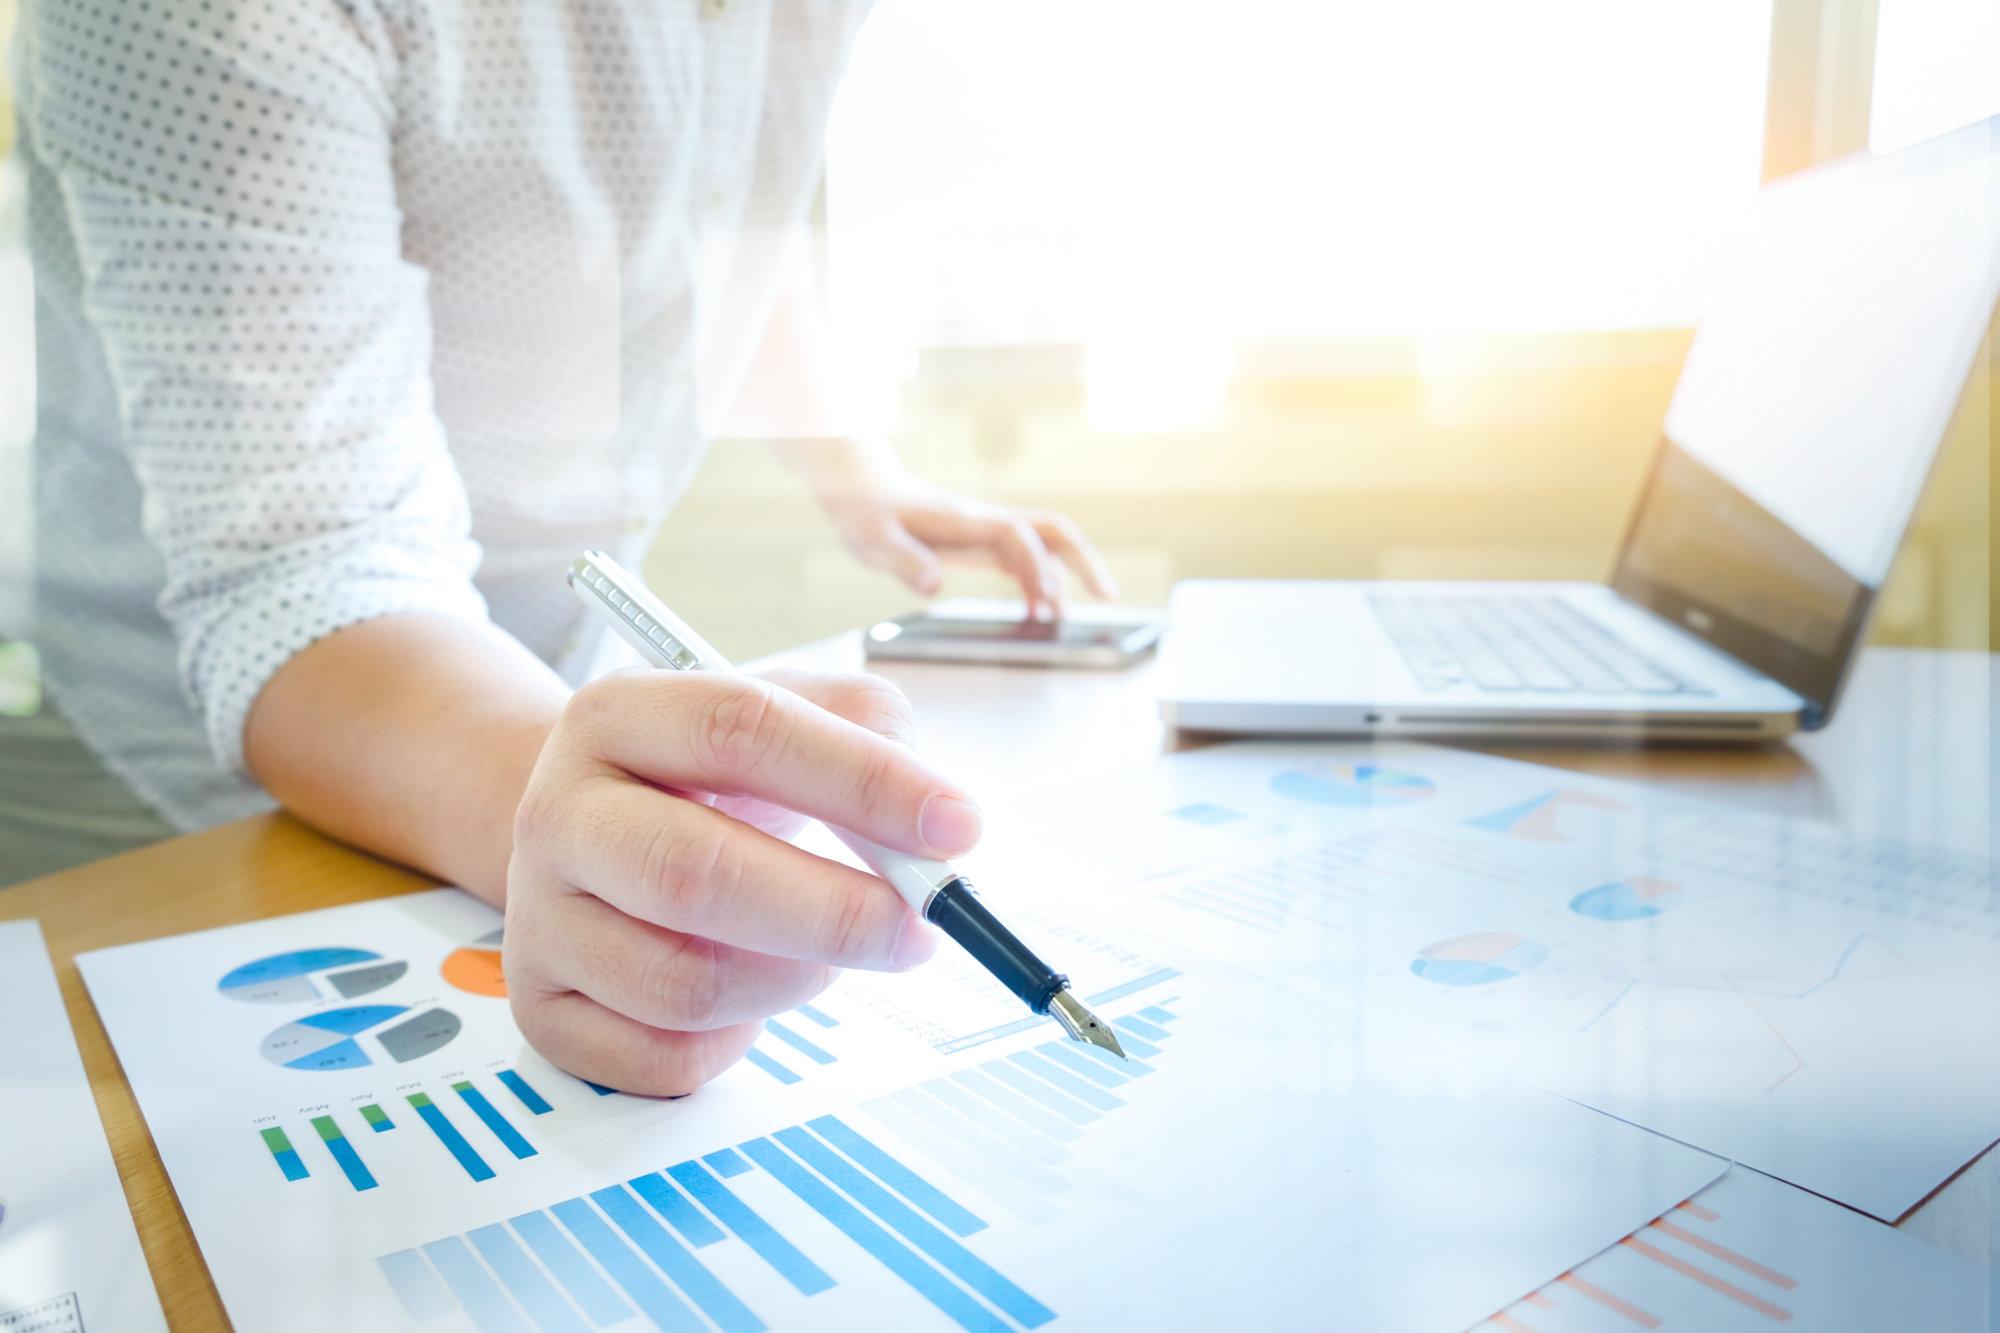 Pesquisa de Mercado: do Planejamento à Análise